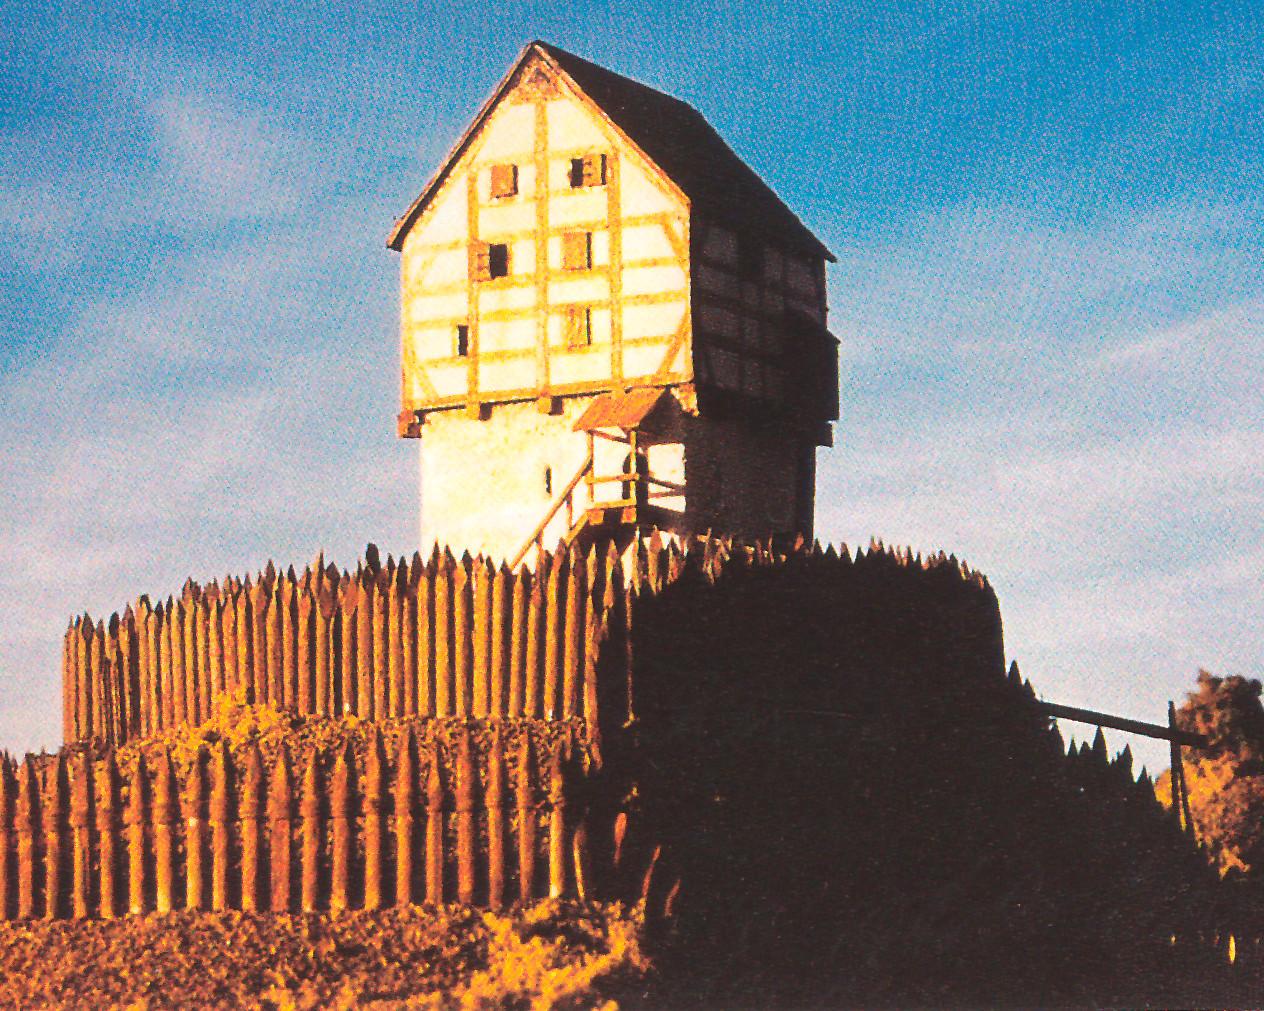 Modell einer Erdhügel-Turmburg